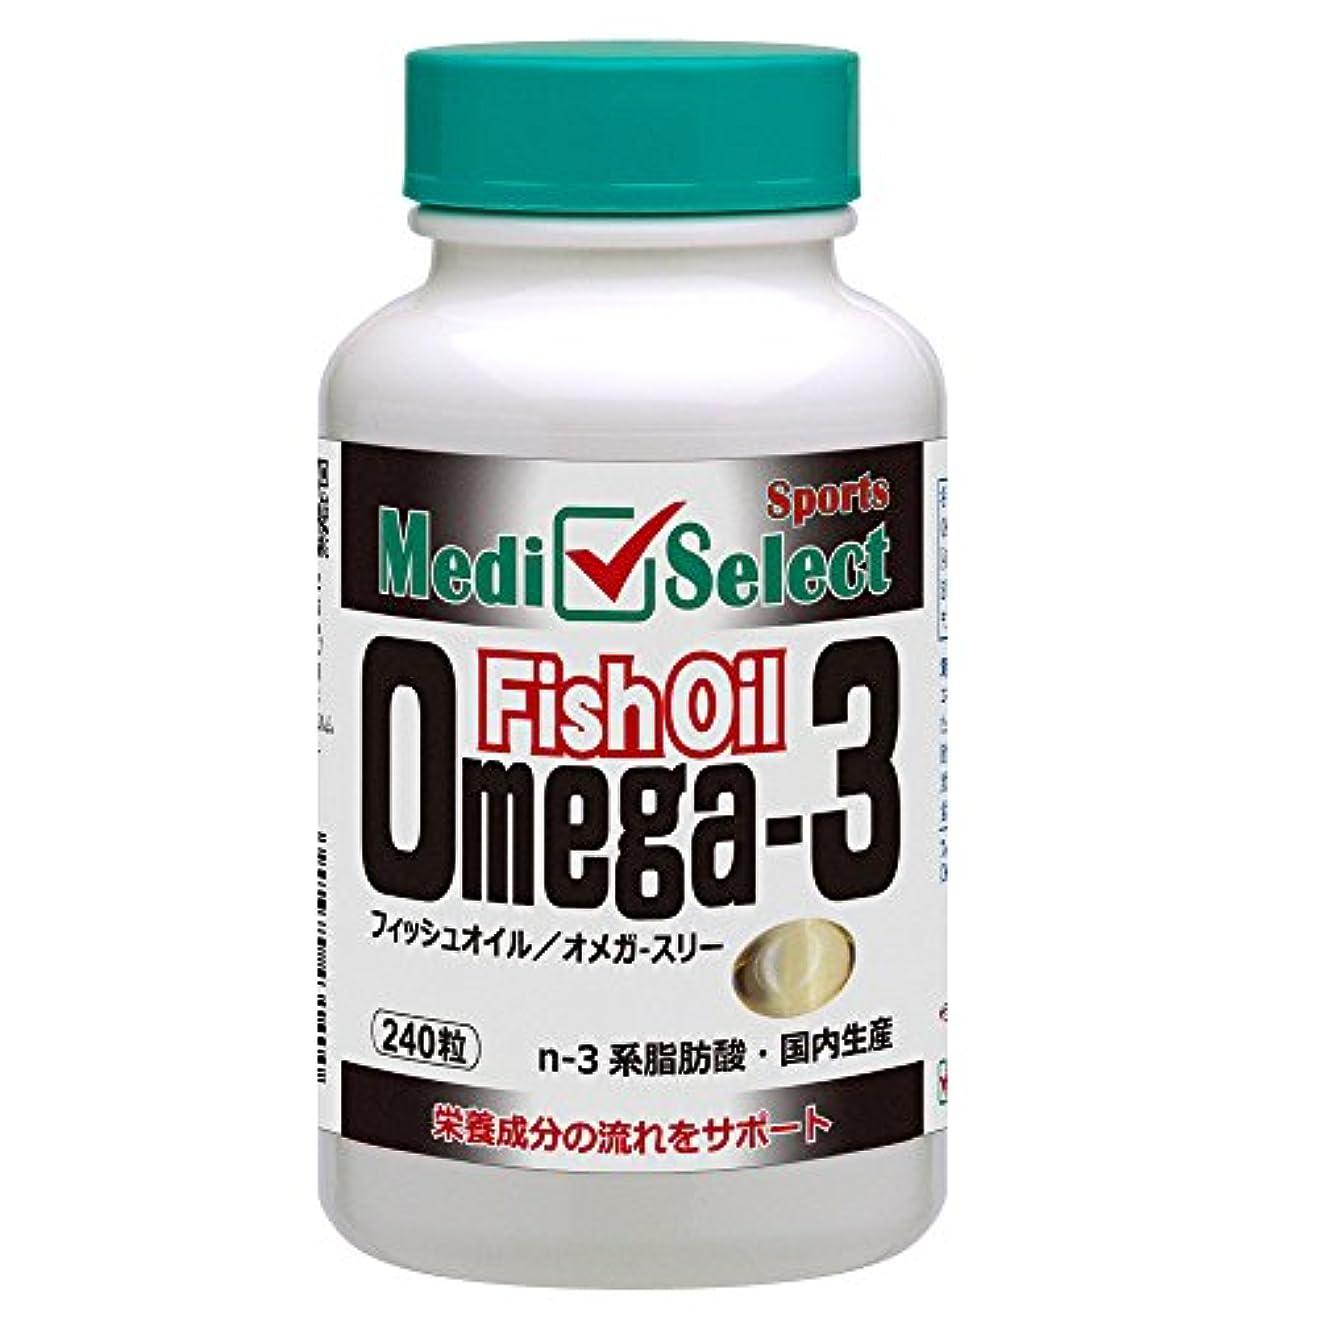 食欲赤字リゾートメディセレクト スポーツ フィッシュオイル Omega-3(オメガ-スリー) 240粒